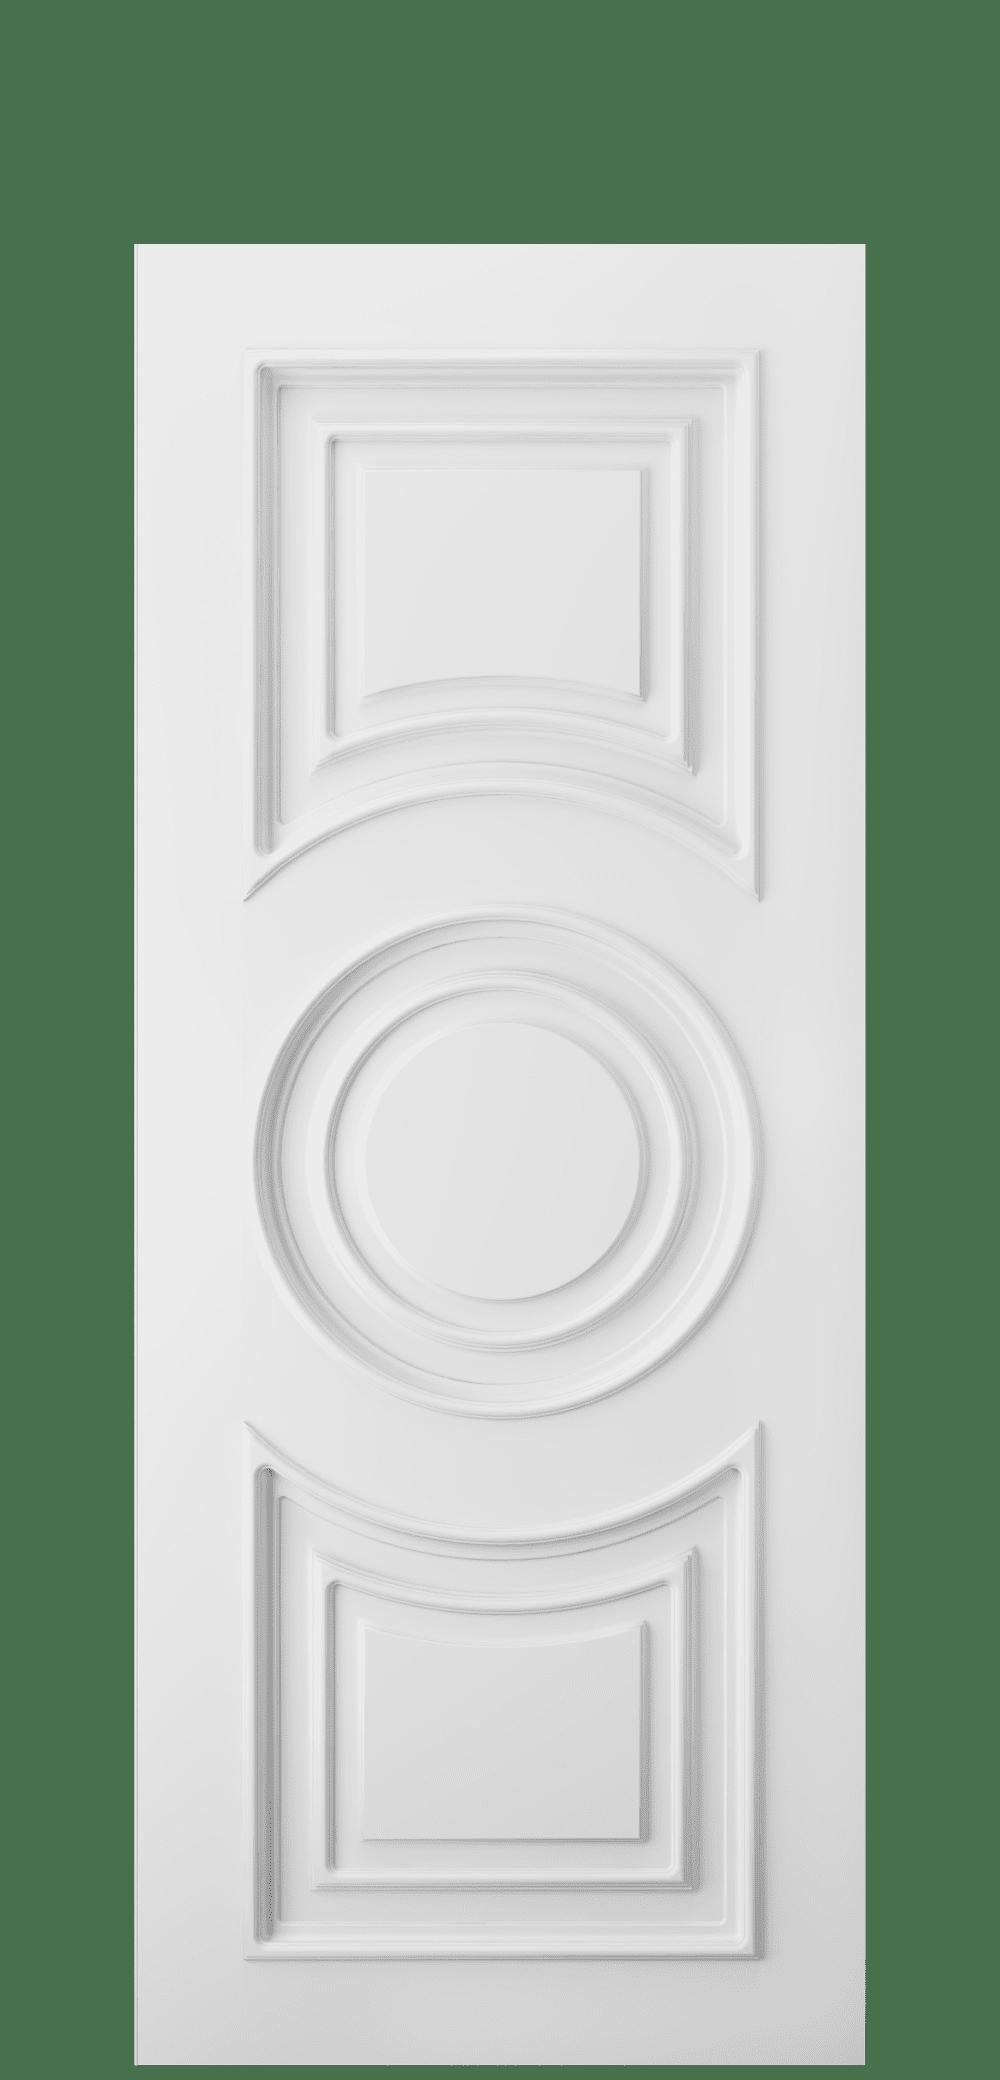 Двери «терем»: межкомнатные двери из шпона, гарантия качества и отзывы покупателей